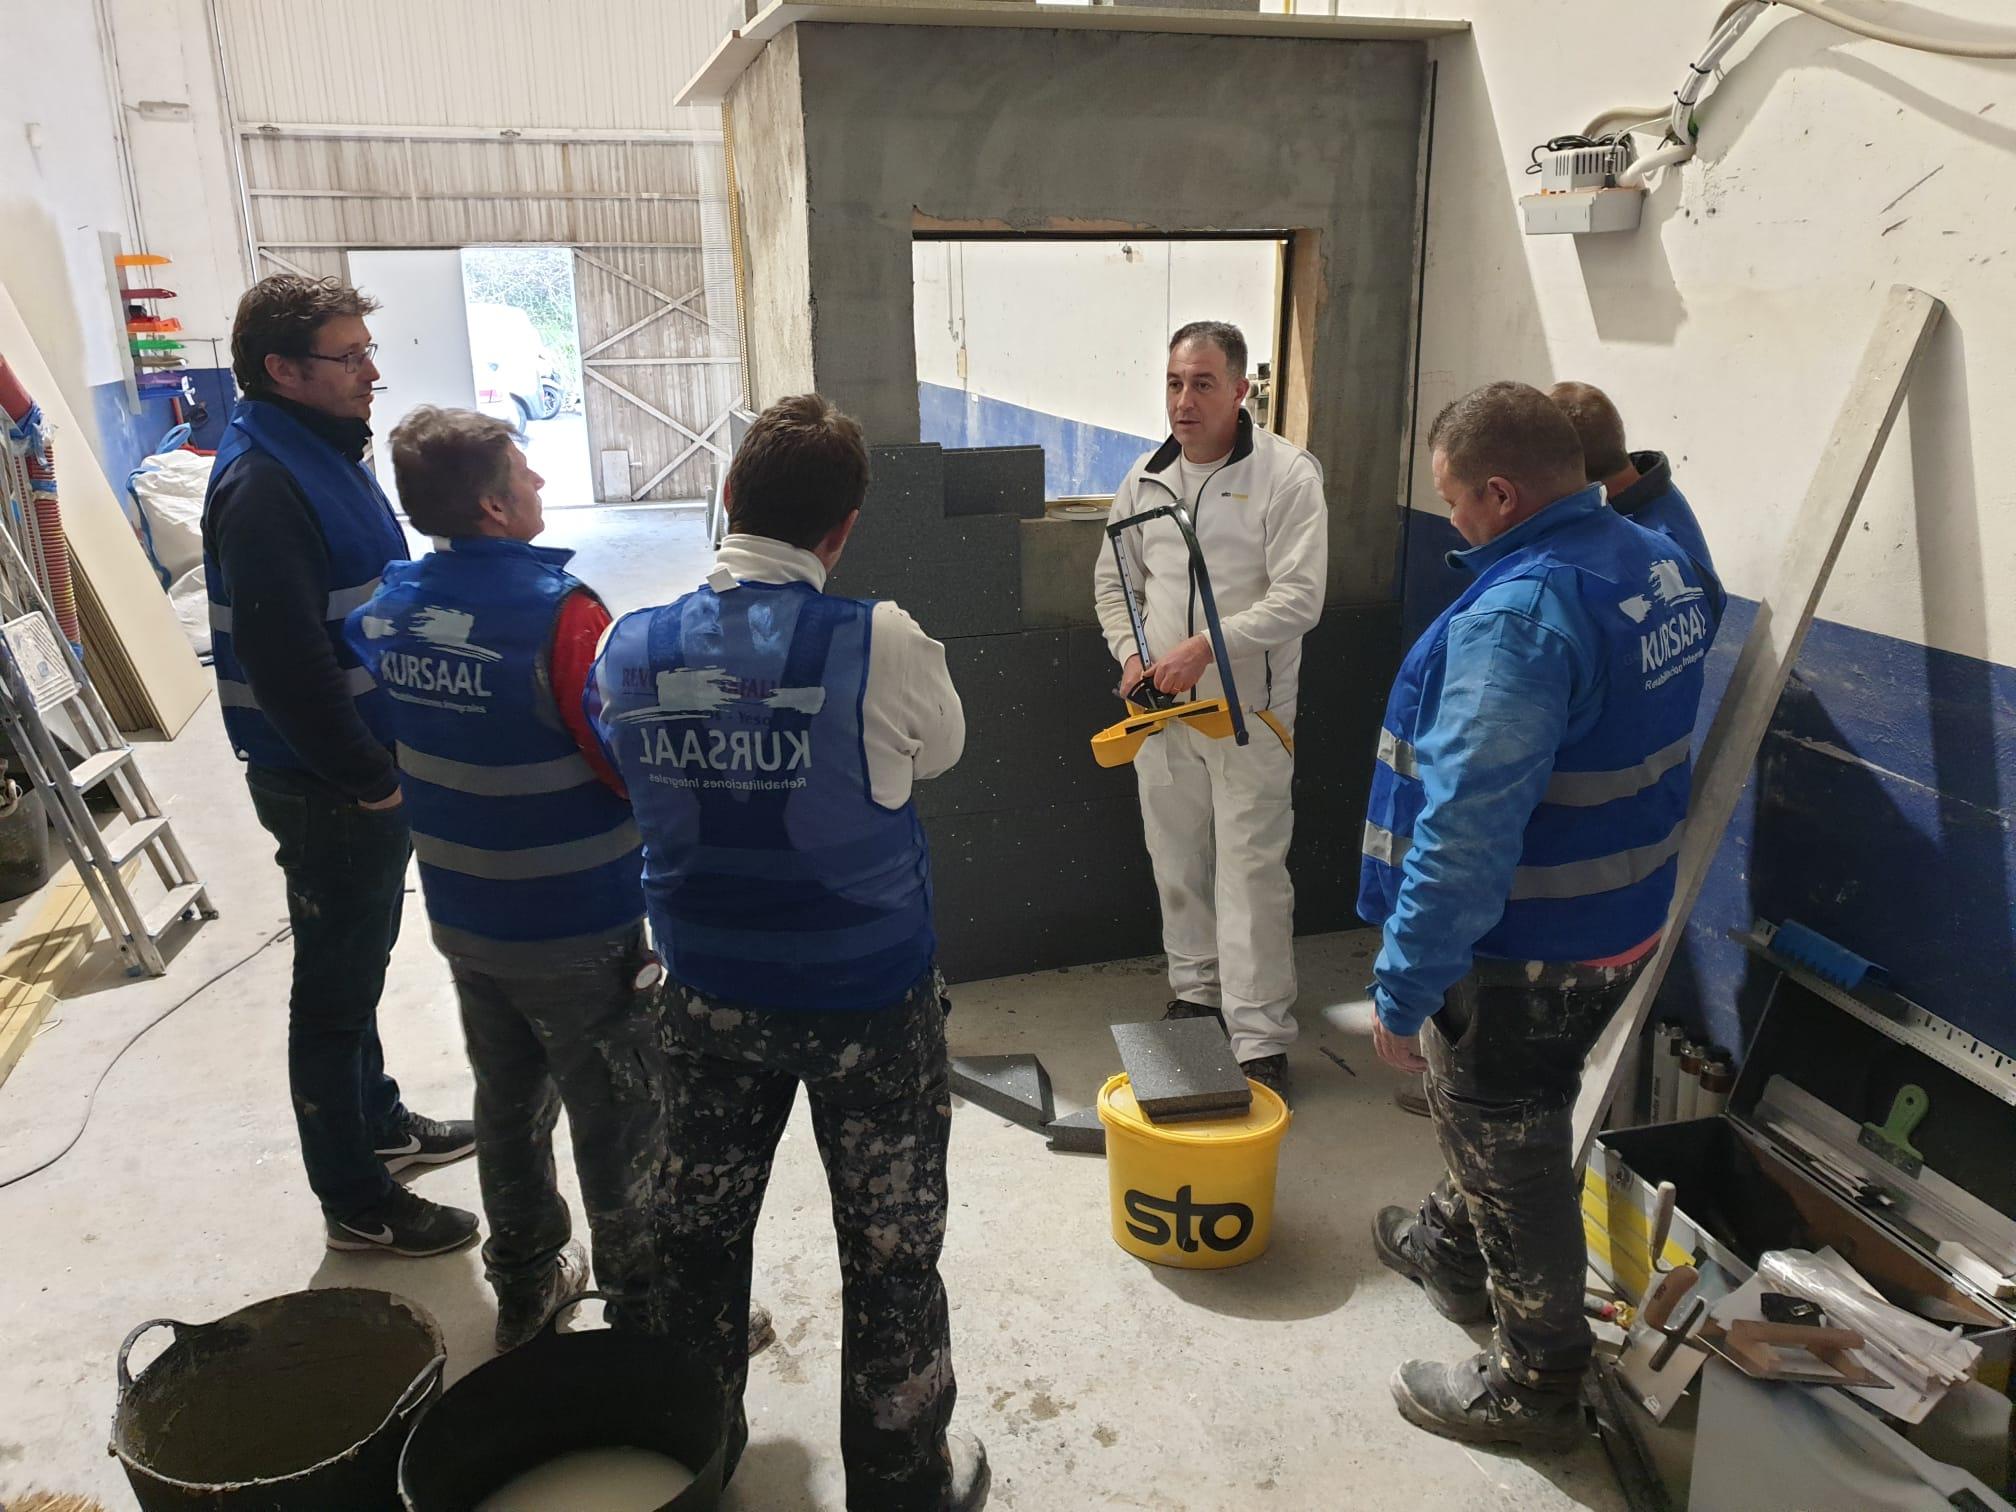 foto noticia: Nuestros equipos amplían conocimientos en Sistemas de Aislamiento Térmico Exterior Sto